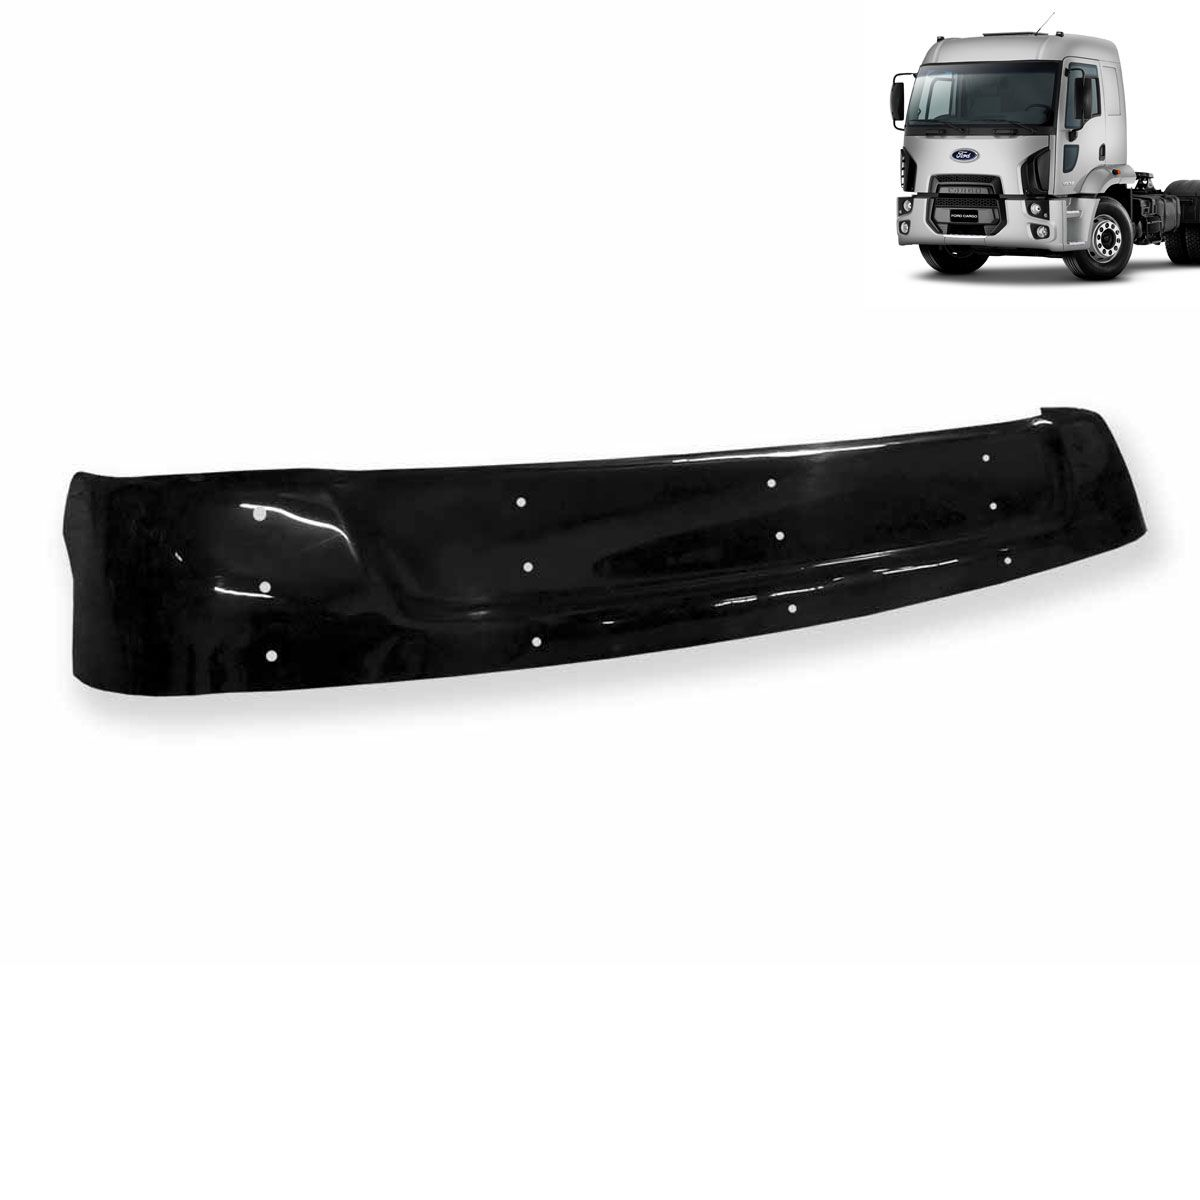 Tapa-Sol Ford Cargo 2012 com Suportes - Cabine Alta